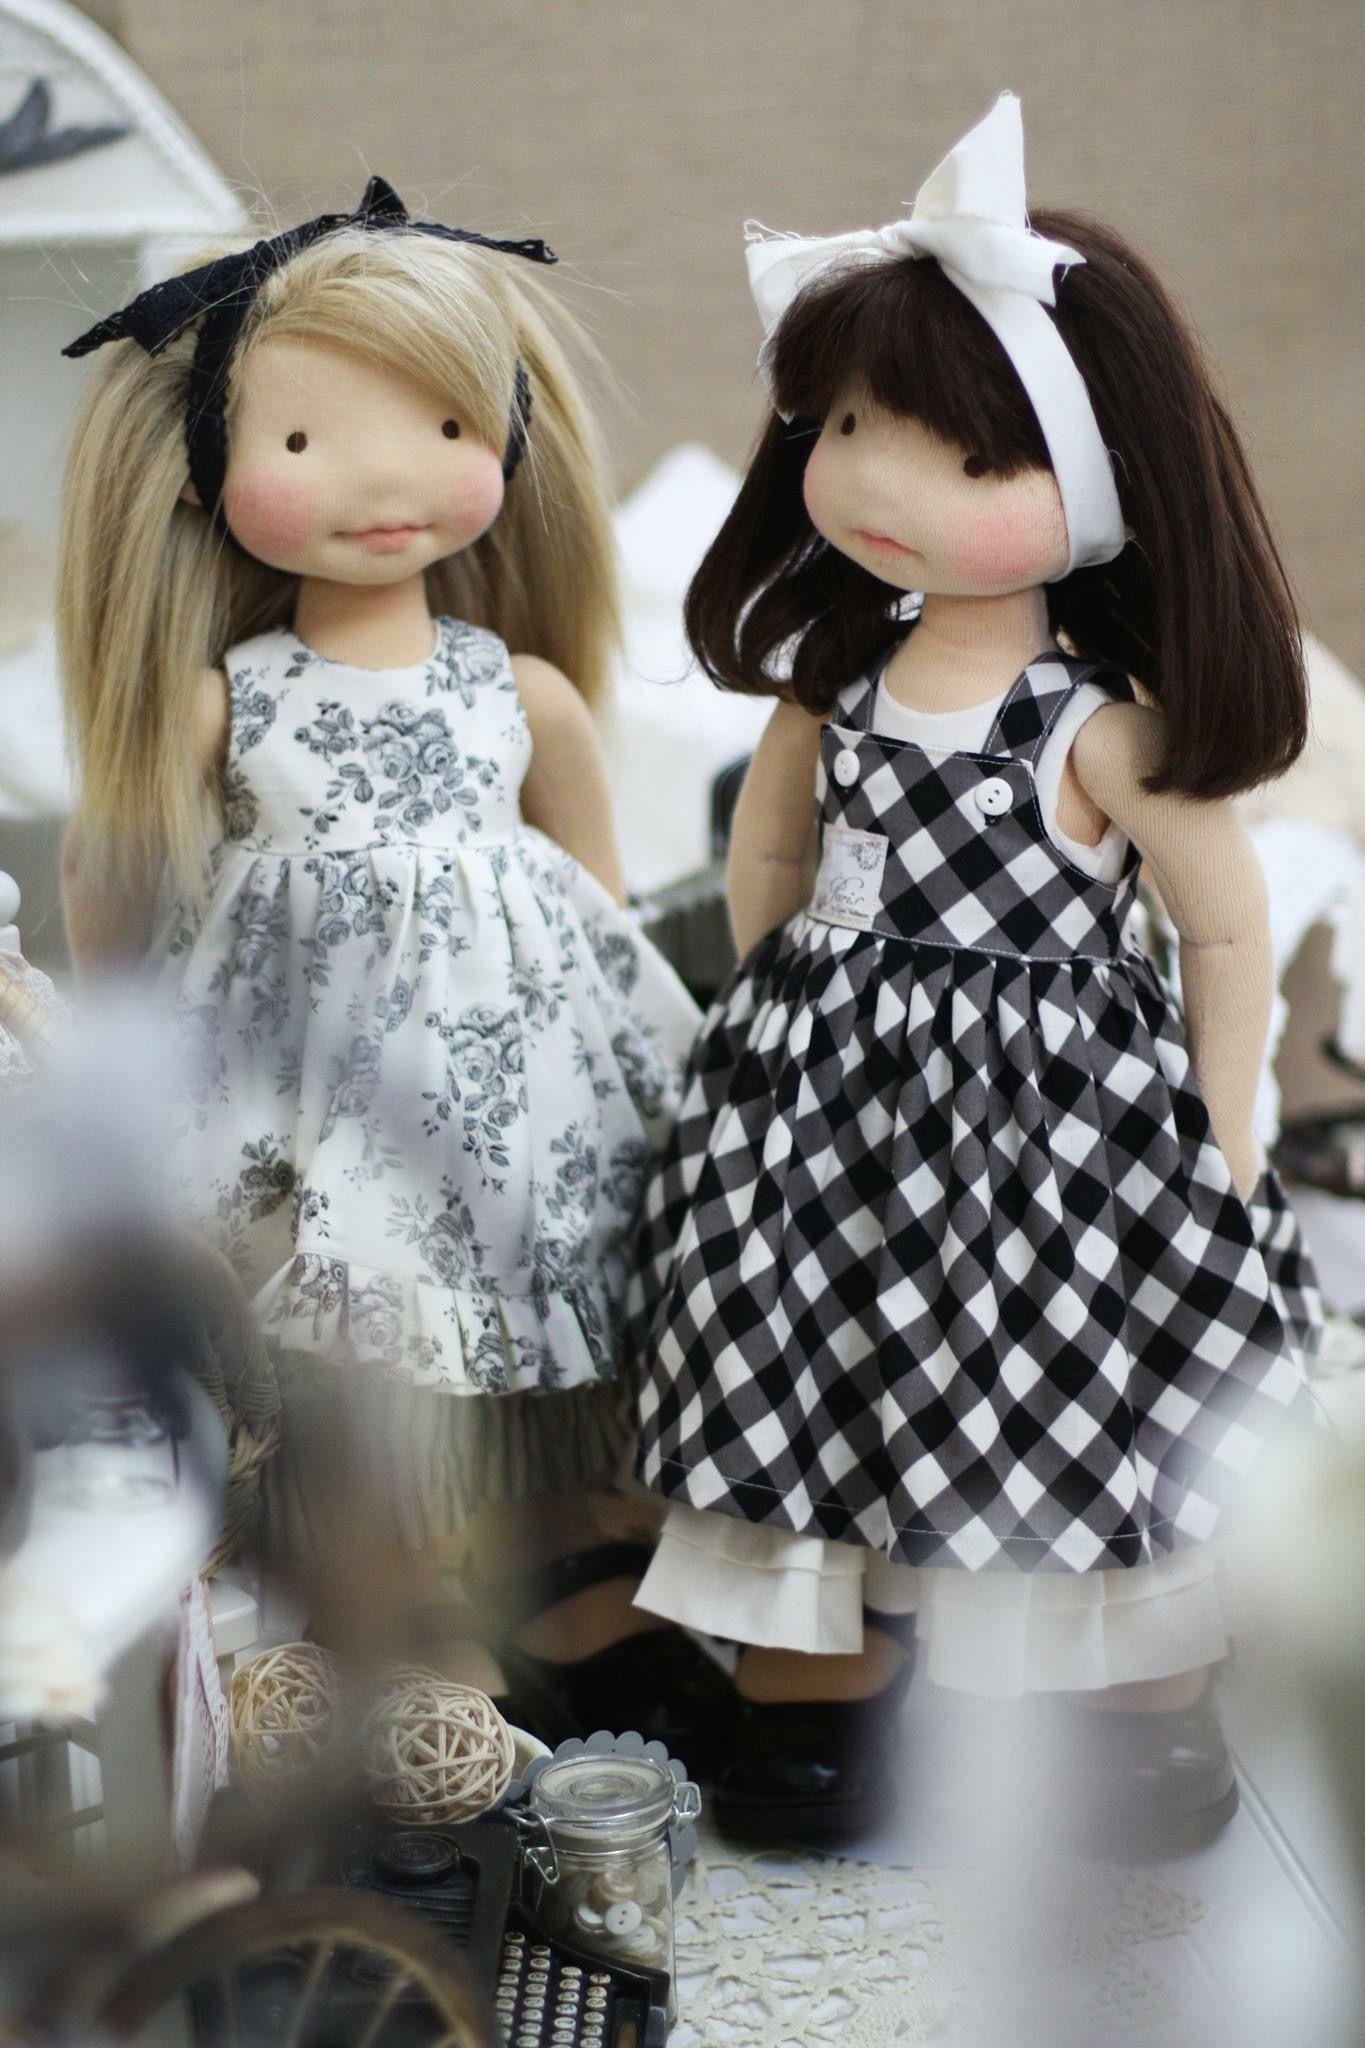 Pin von Patricia Bermudez auf Waldorf dolls | Pinterest ...